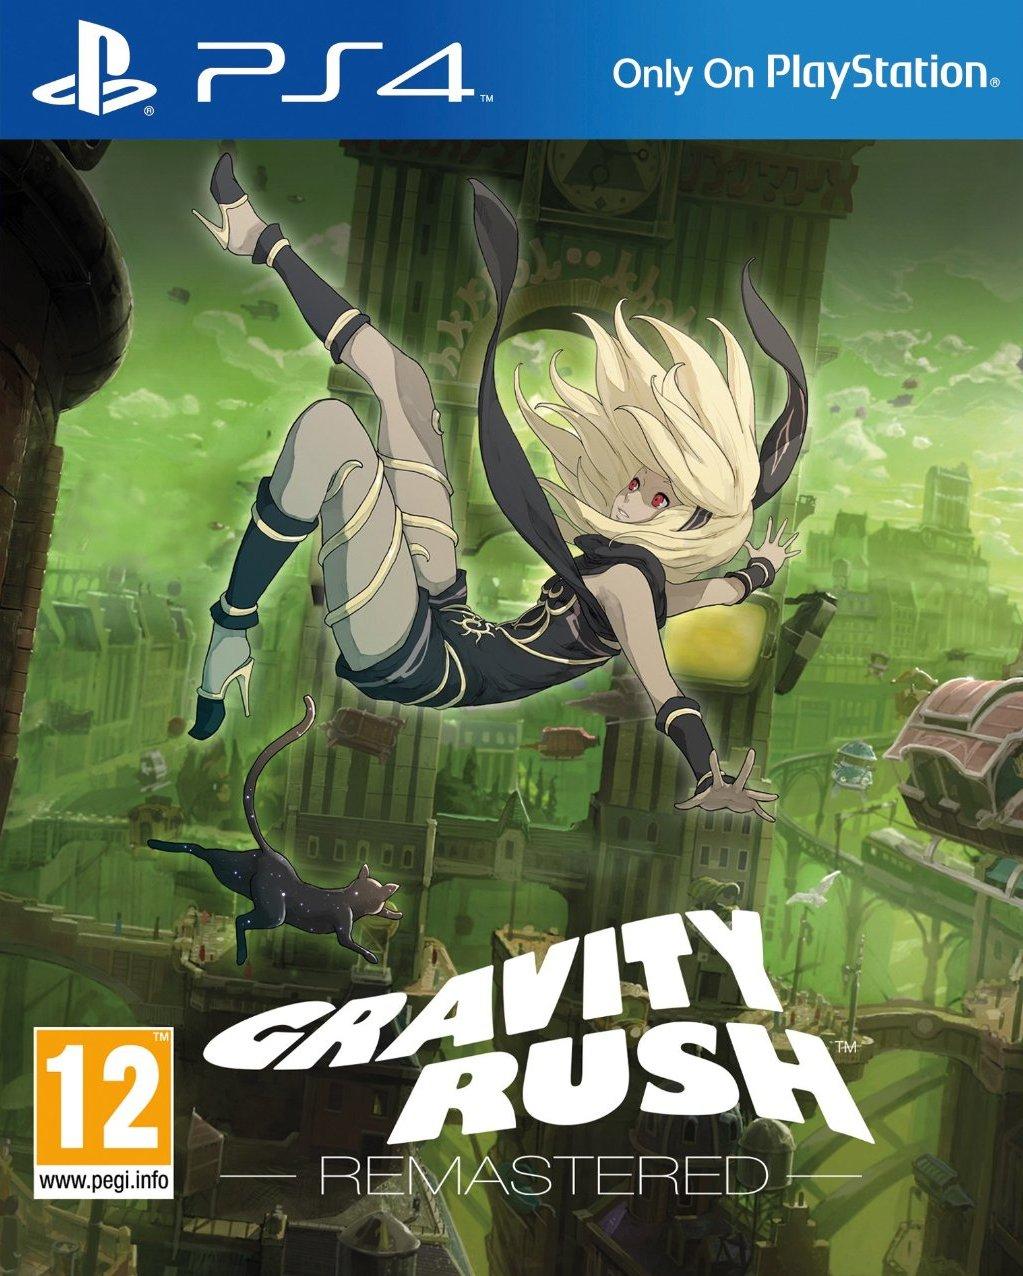 jaquette du jeu vidéo Gravity Rush